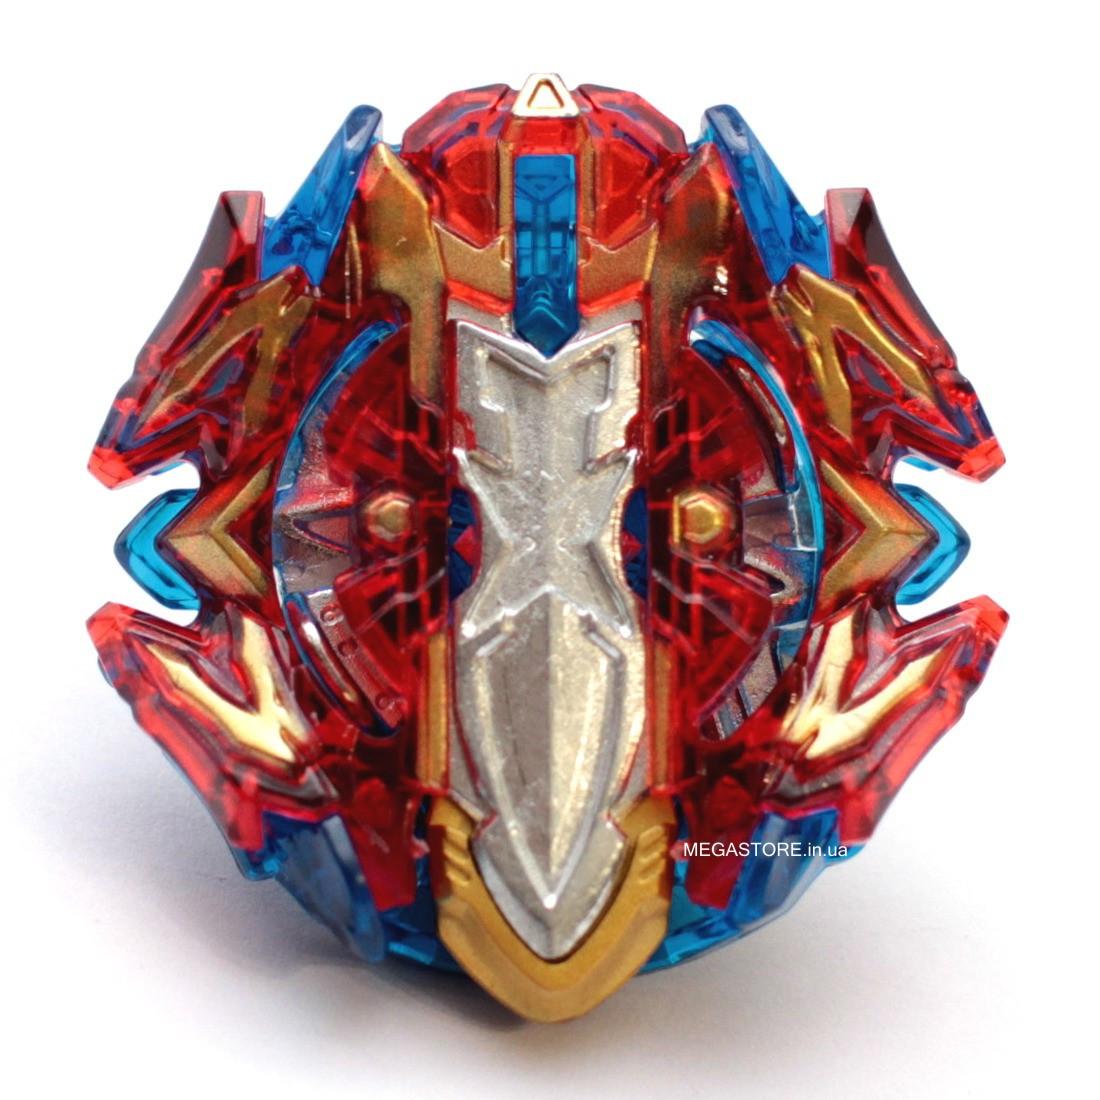 Волчок Бейблэйд Бустер Экскалибур Экскалиус Необычный X4 (Бейблейд 4 сезон) Beyblade Buster Xcalibur ( SB™)